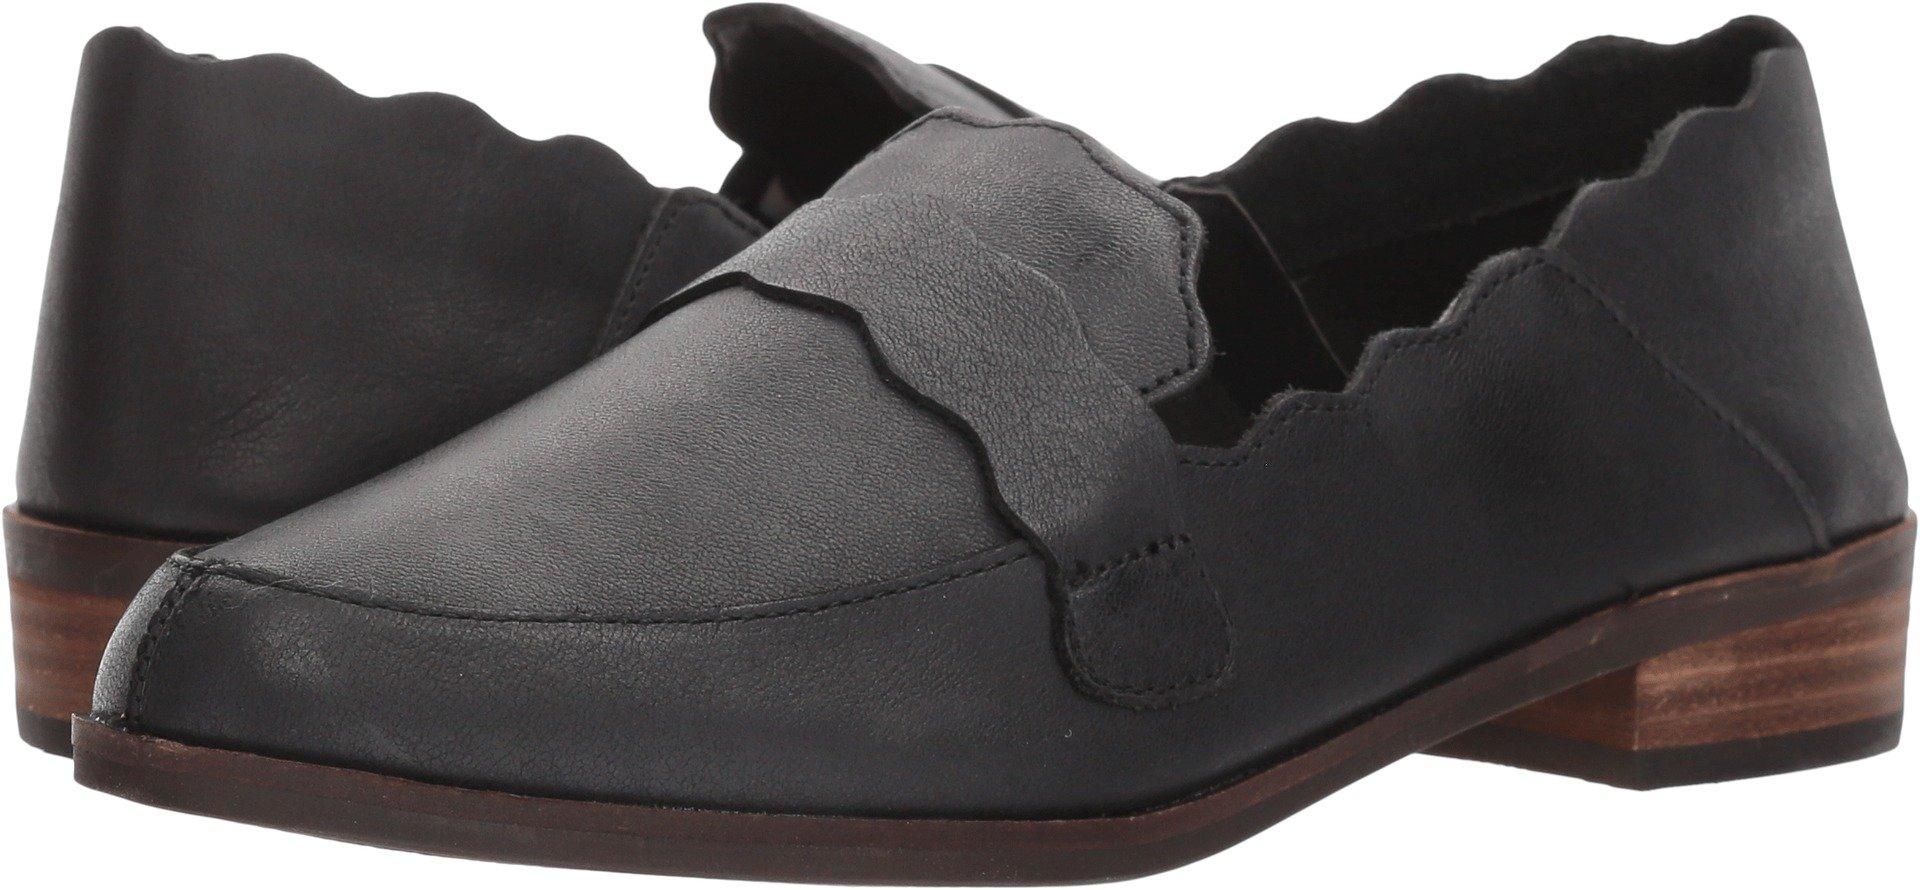 Lucky Brand Women's Callister Loafer, Black, 7.5 Medium US